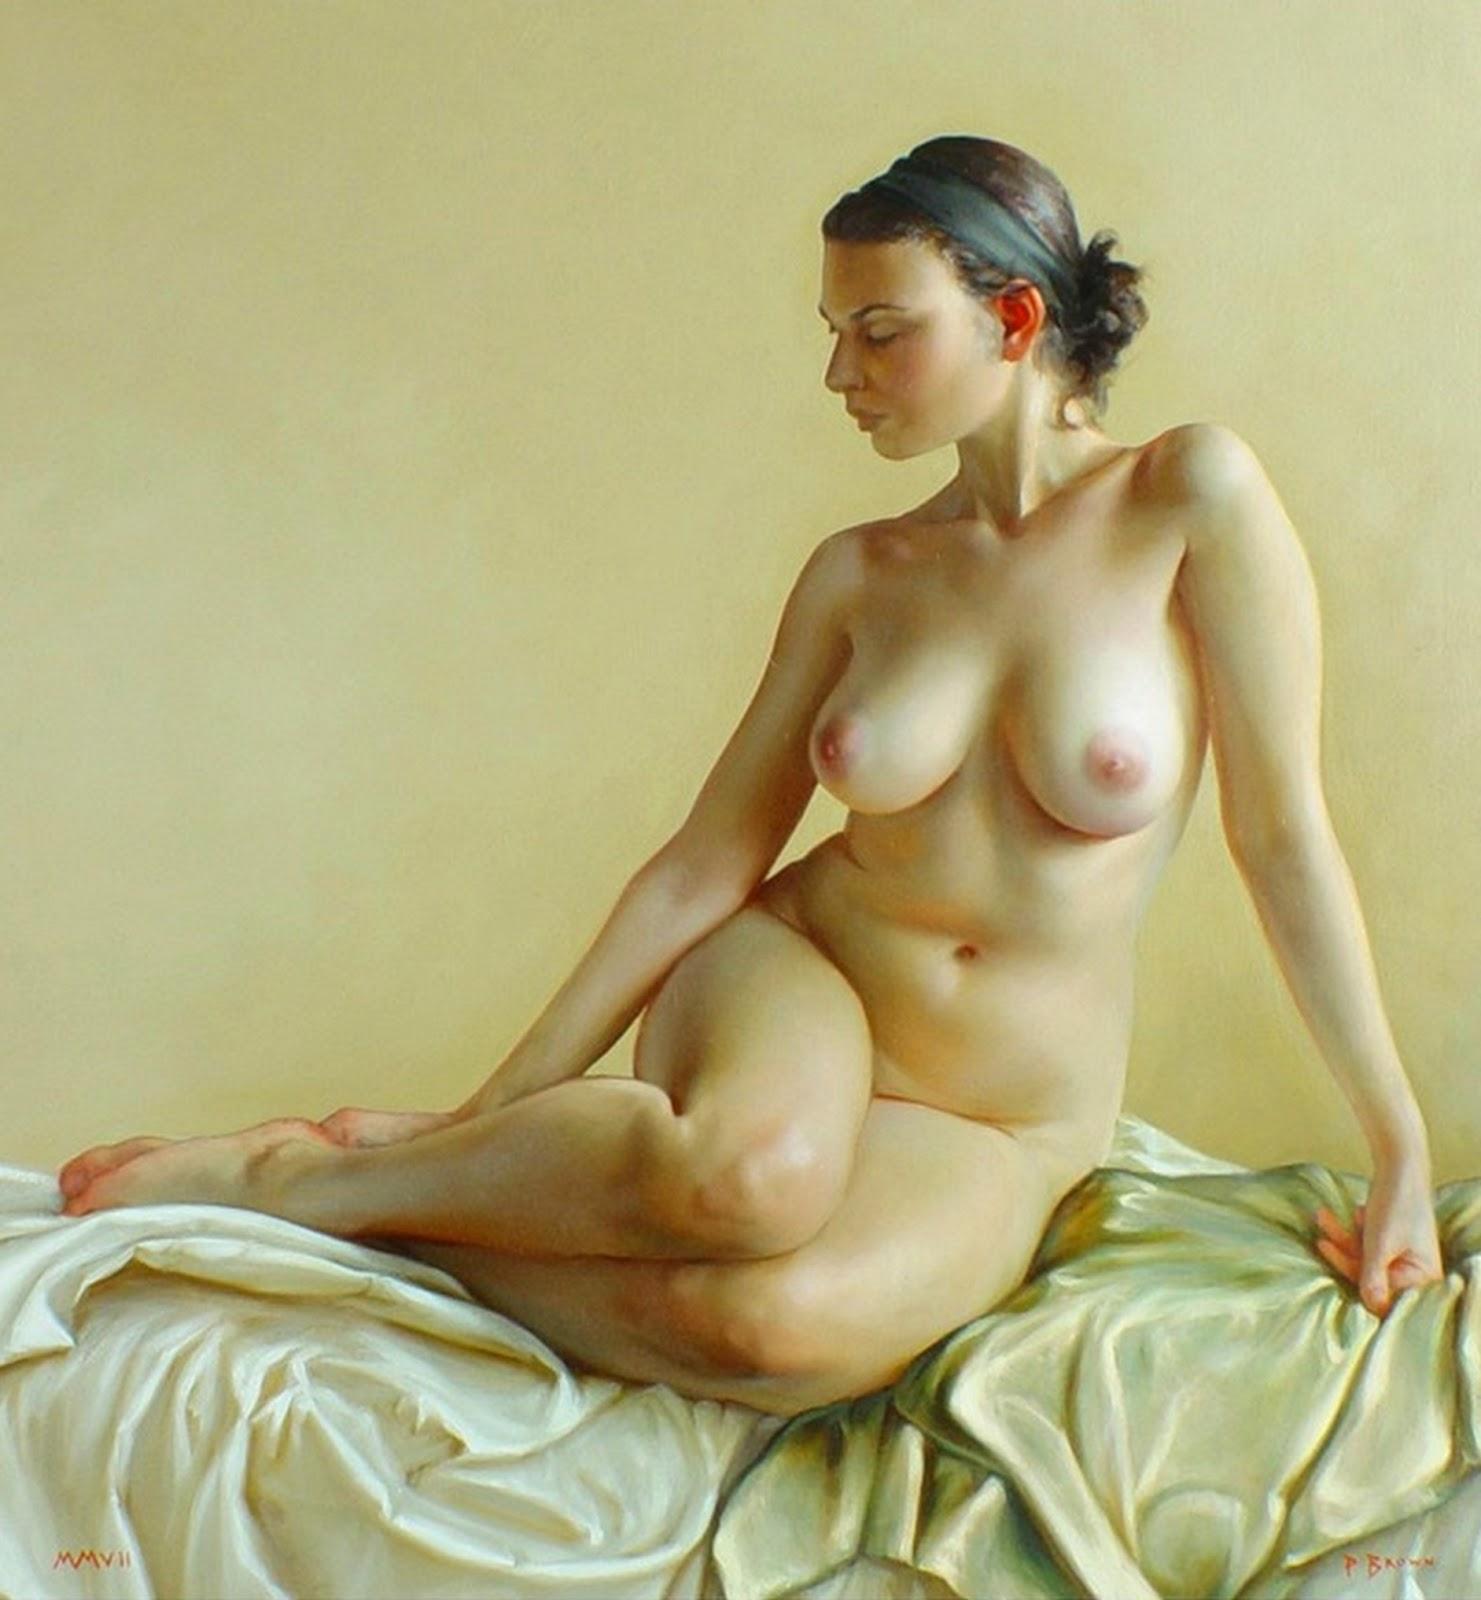 Paul S Brown Painting